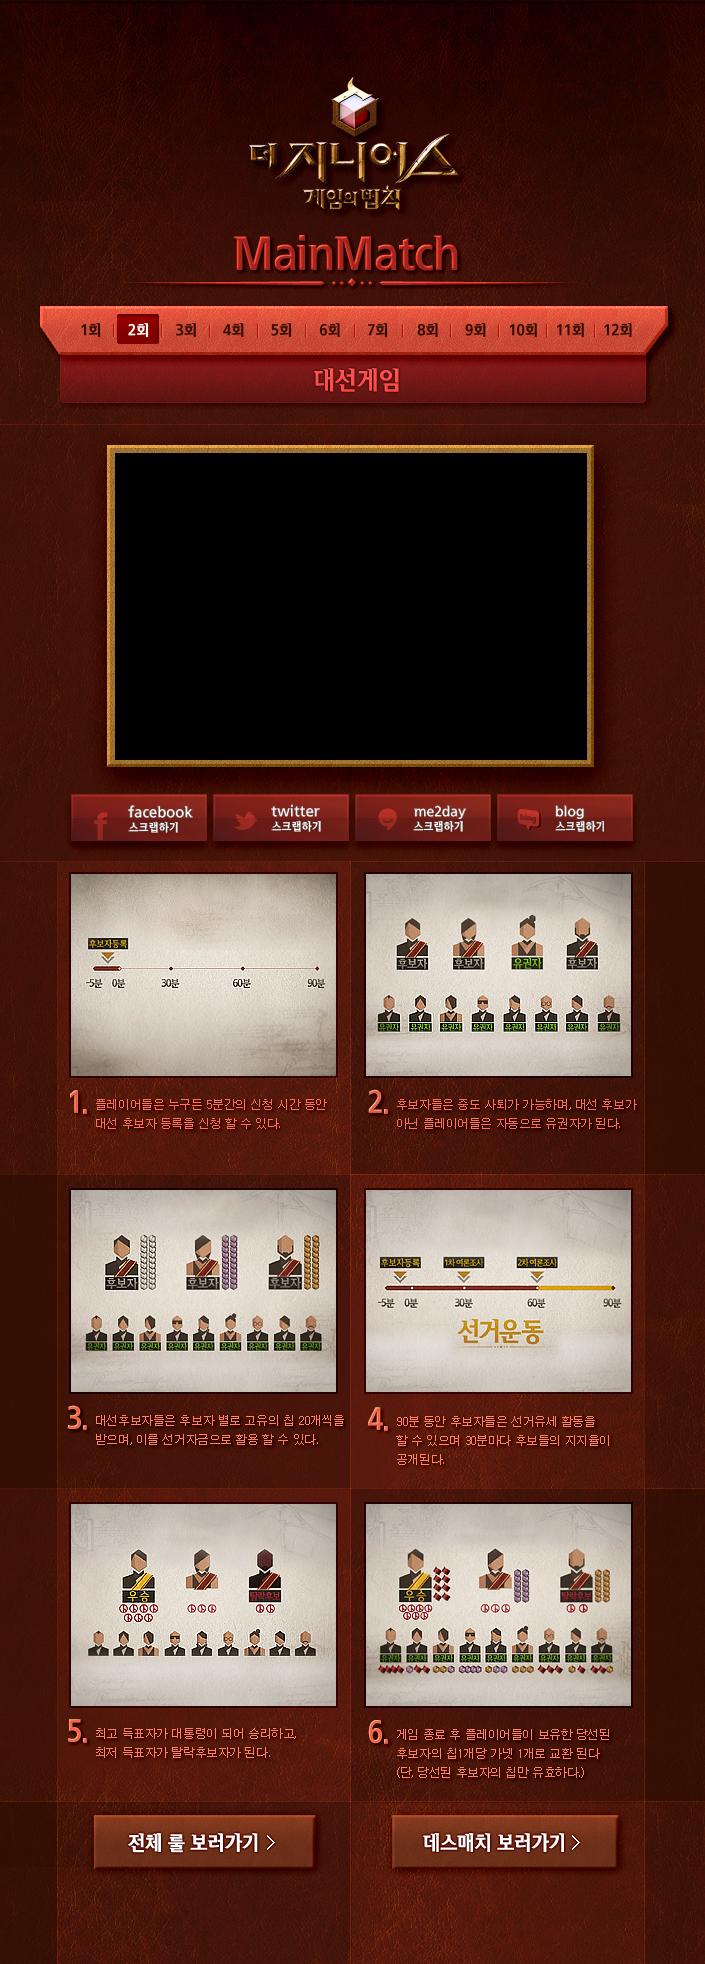 [tvN]더 지니어스:게임의 법칙 2회 메인매치 - 대선게임